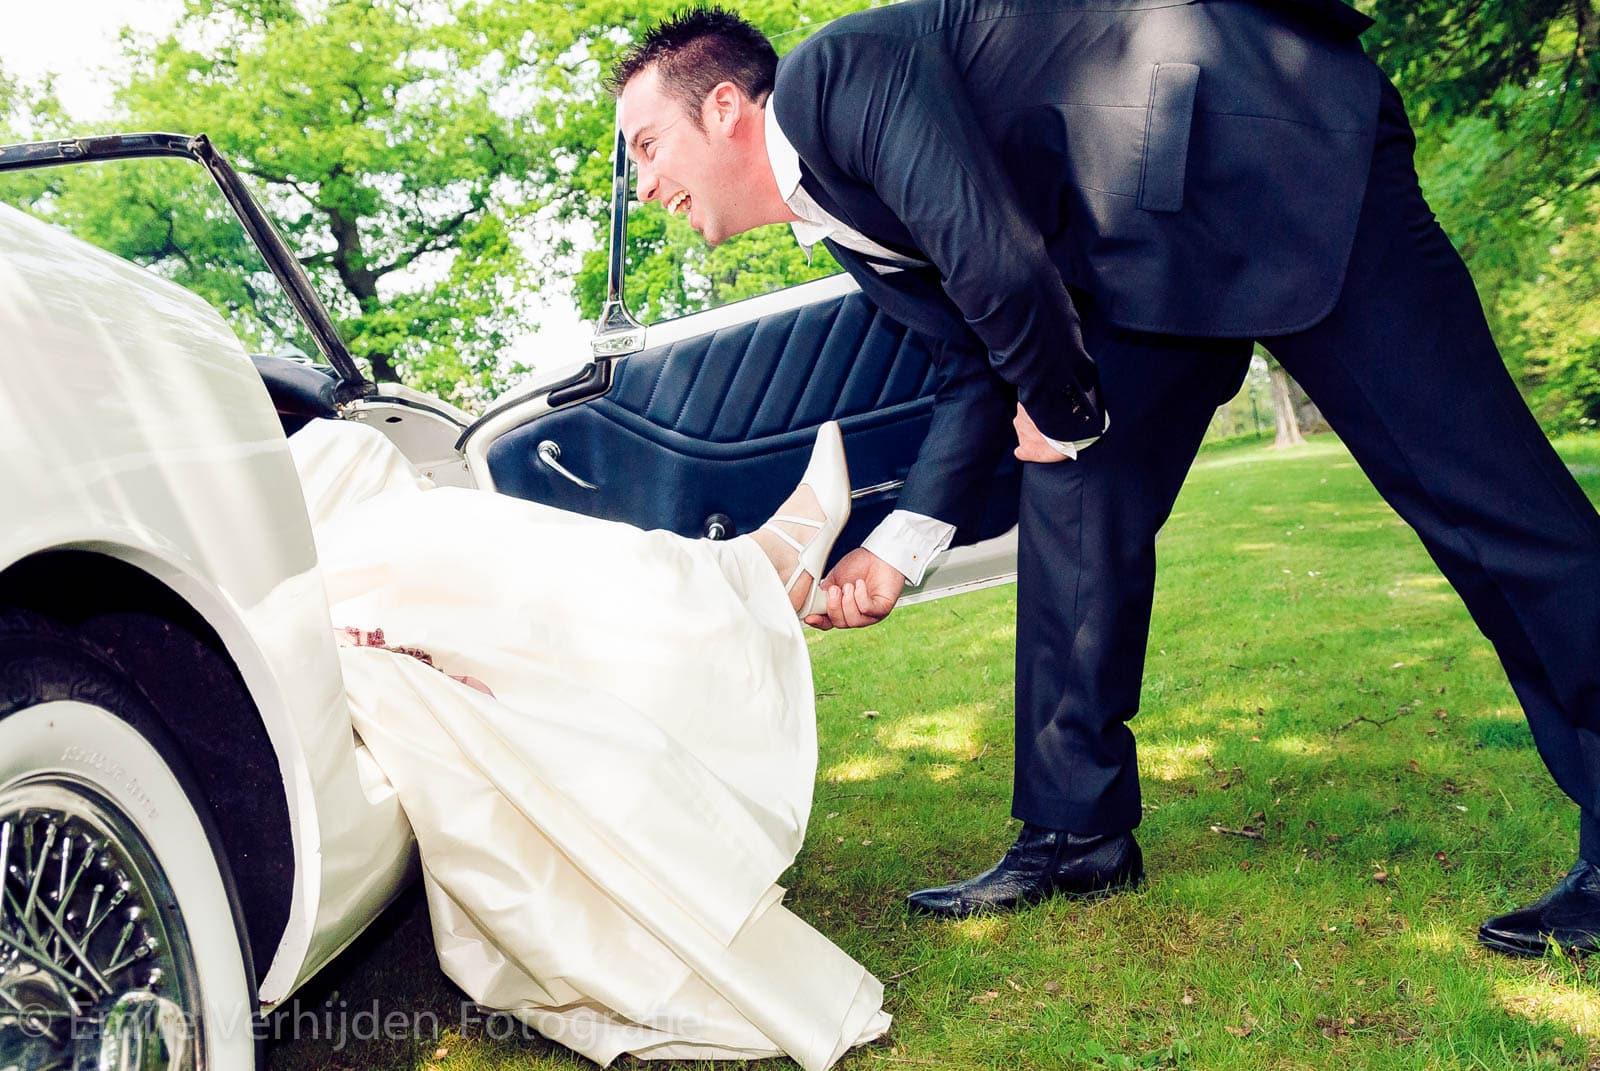 Bruidsfotograaf Limburg - De bruidegom gaat de voeten van de bruid kussen. Ze zit lekker in de oldtimer